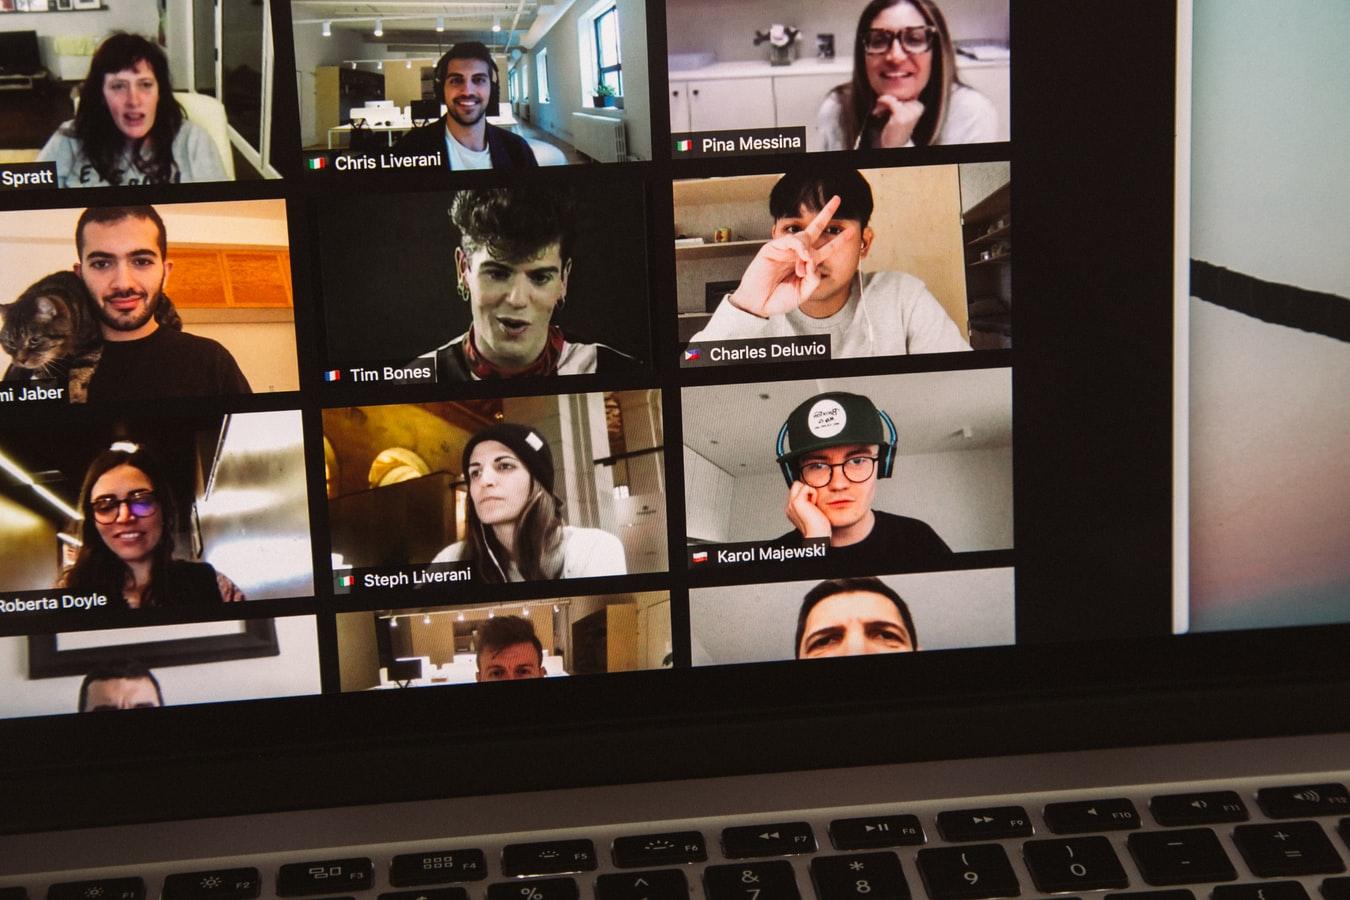 проведение онлайн конференции и мероприятия